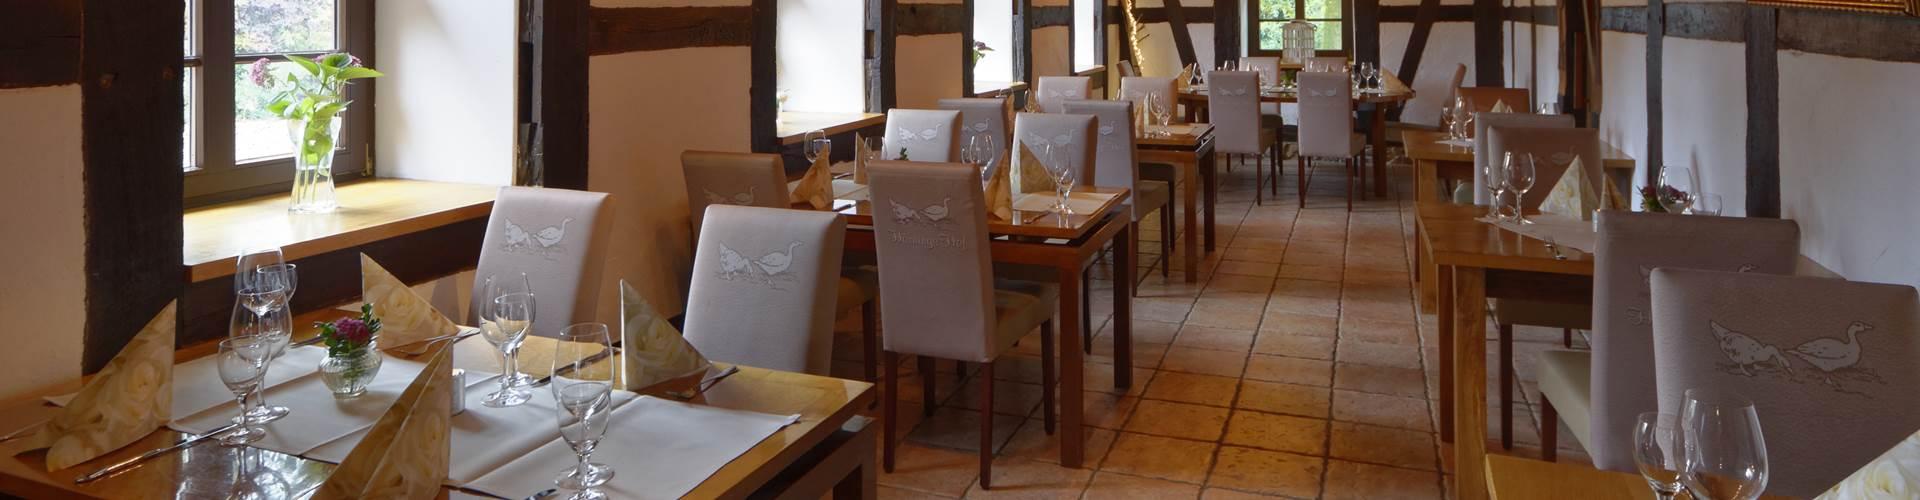 Reservierung Restaurant Hörnings Hof